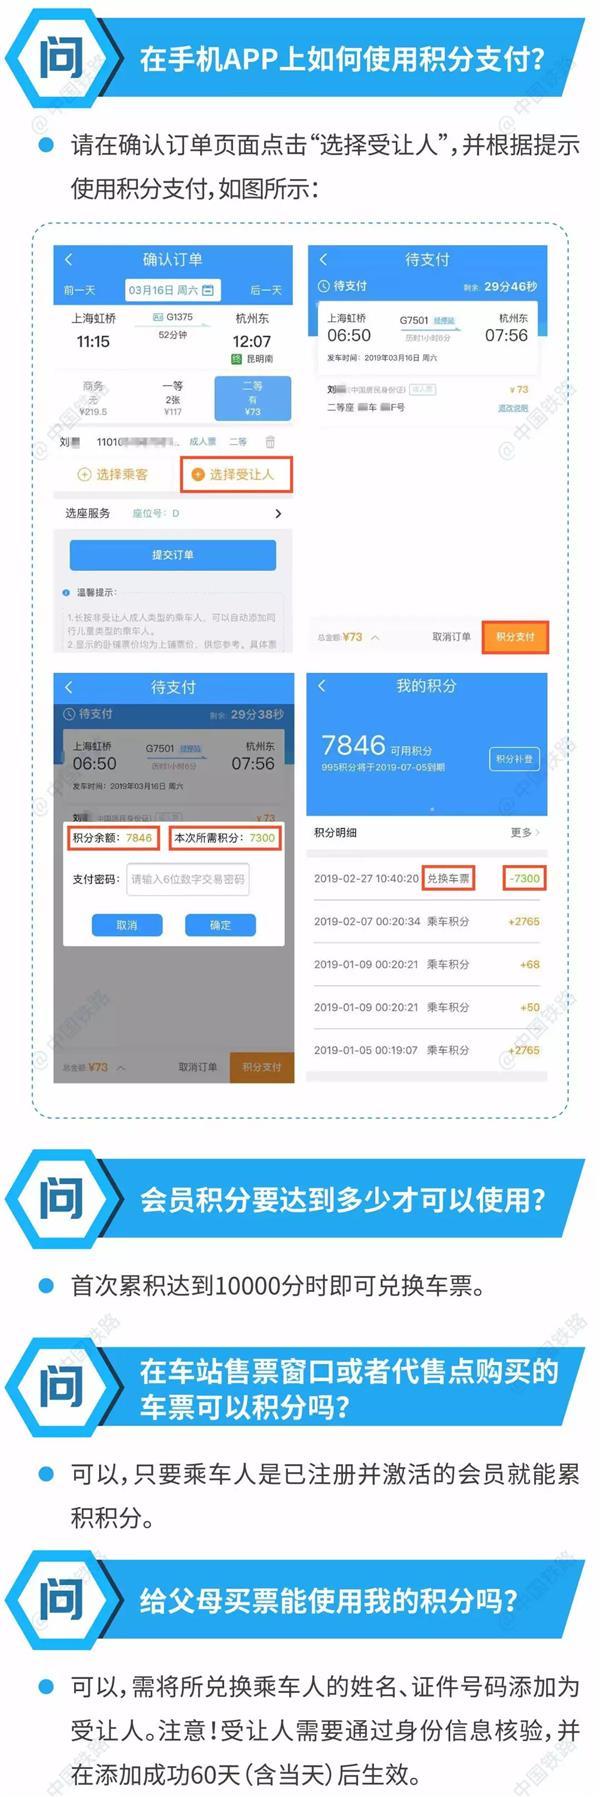 12306积分怎么兑换车票(12306积分兑换机制和使用方法)